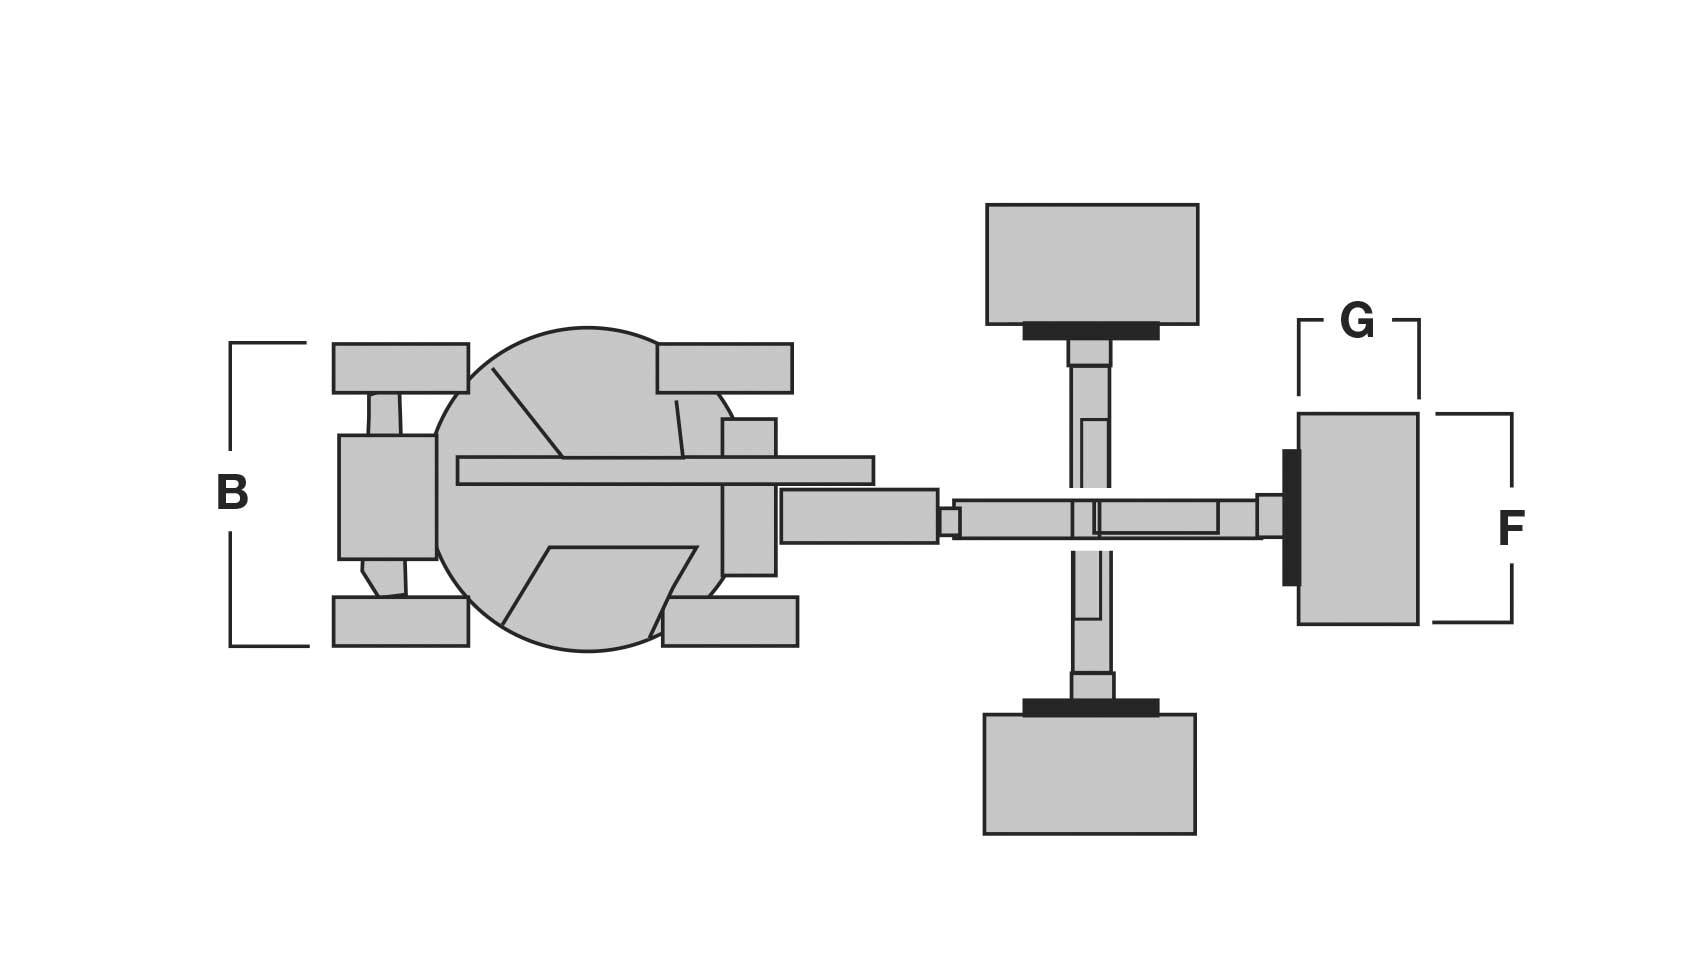 Piattaforma aerea articolata elettrica AE12_2